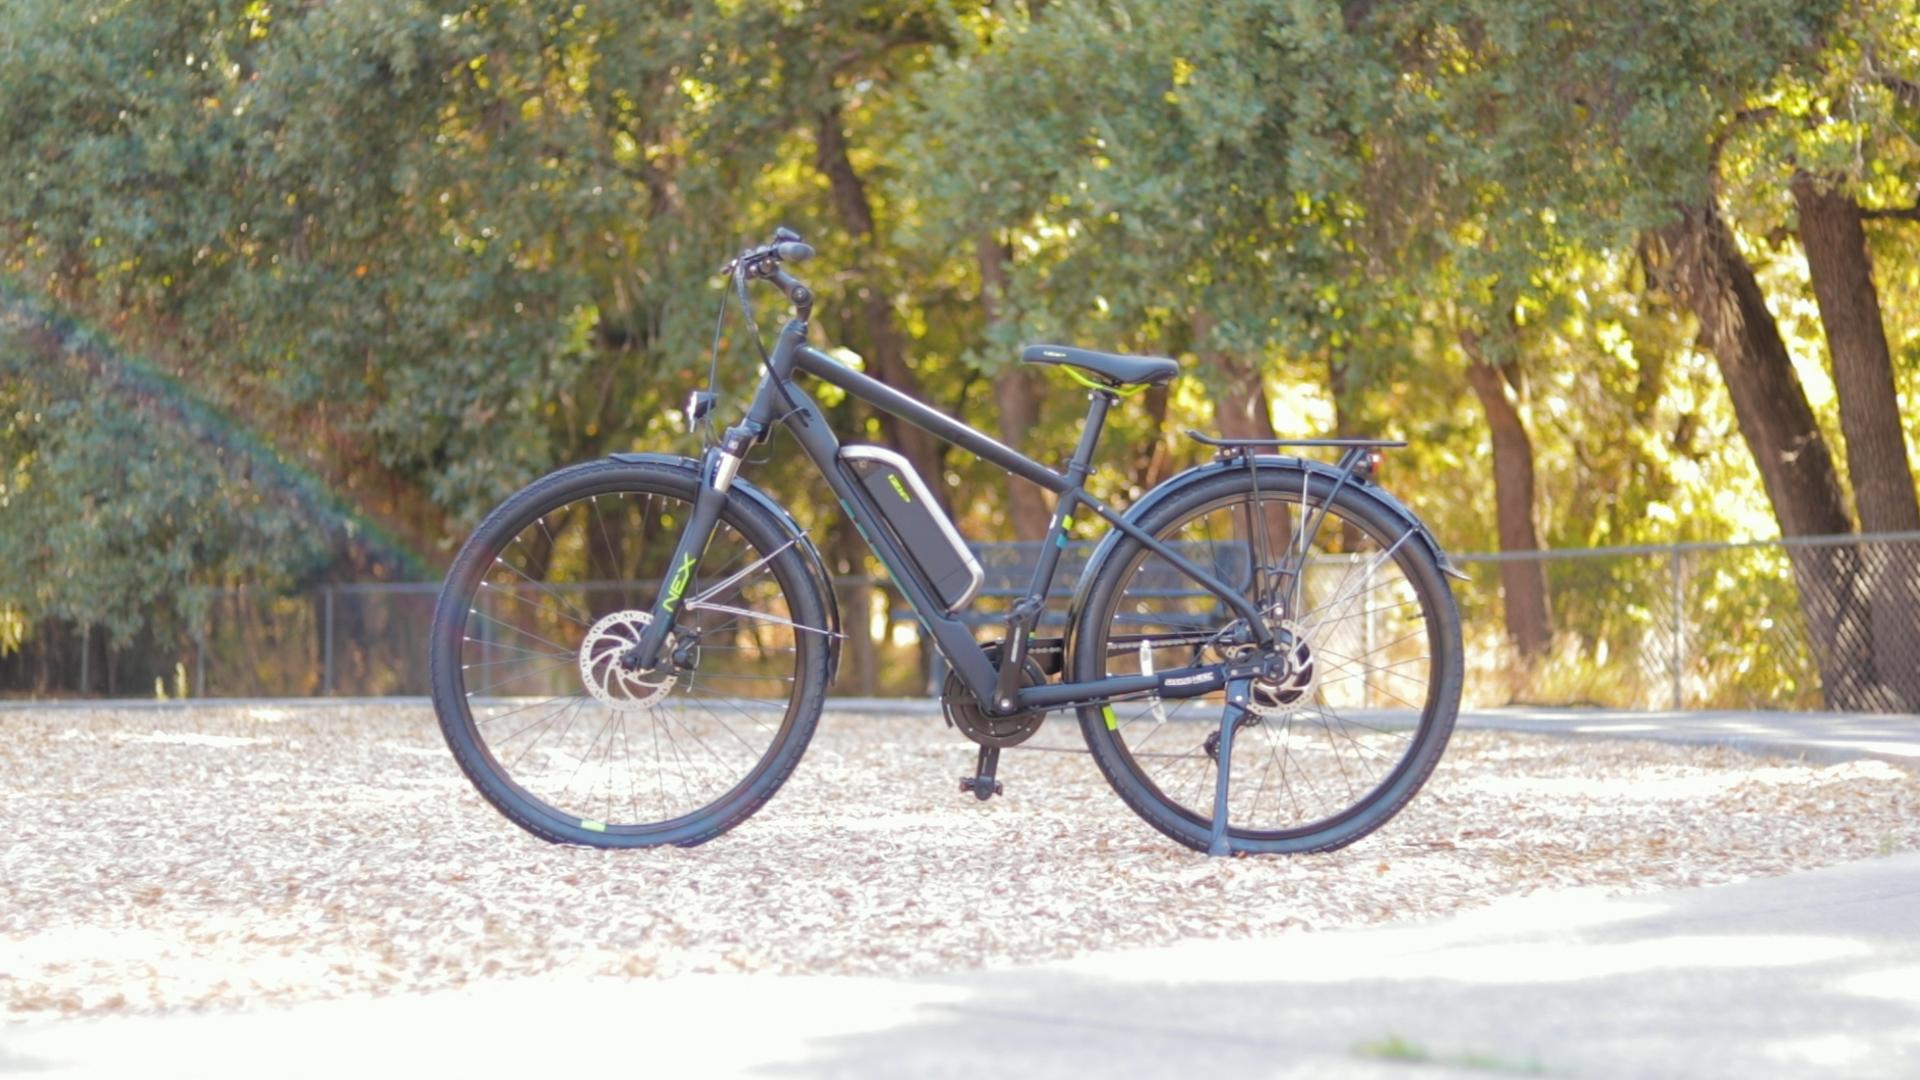 electrified-reviews-izip-e3-brio-electric-bike-review-profile.jpg